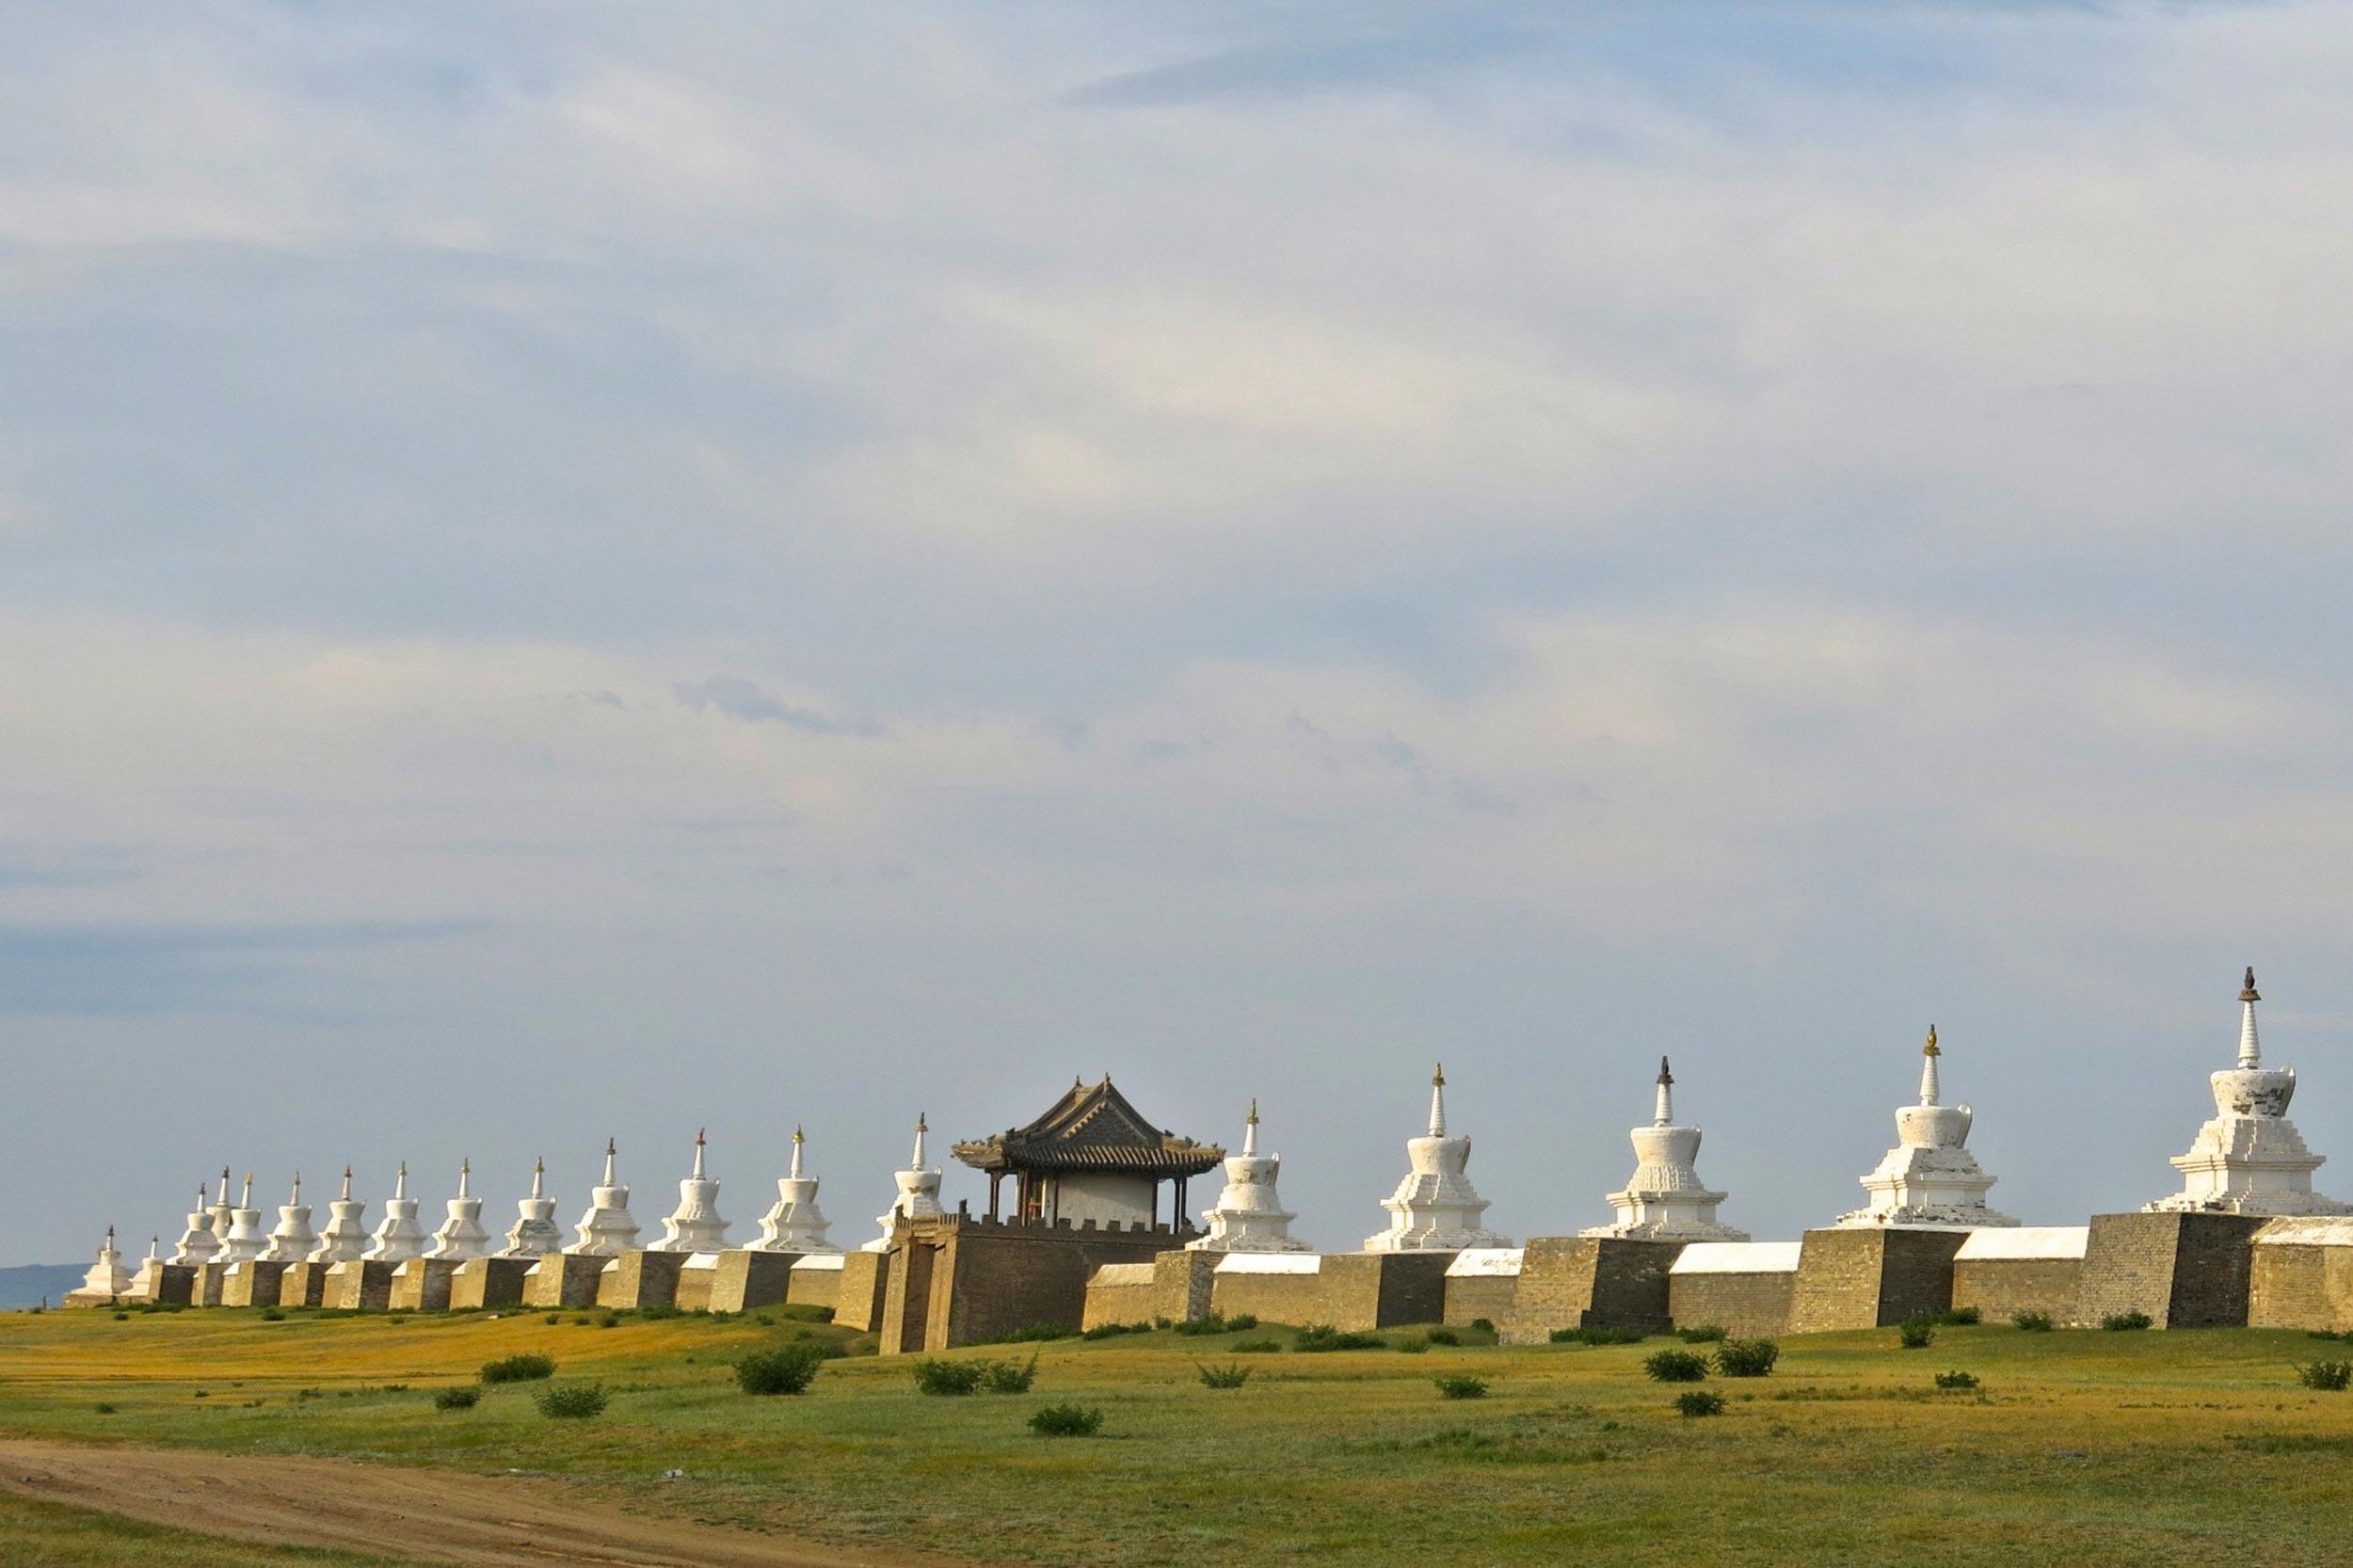 Walls at the ancient Mongolian capital of Kharkhorin